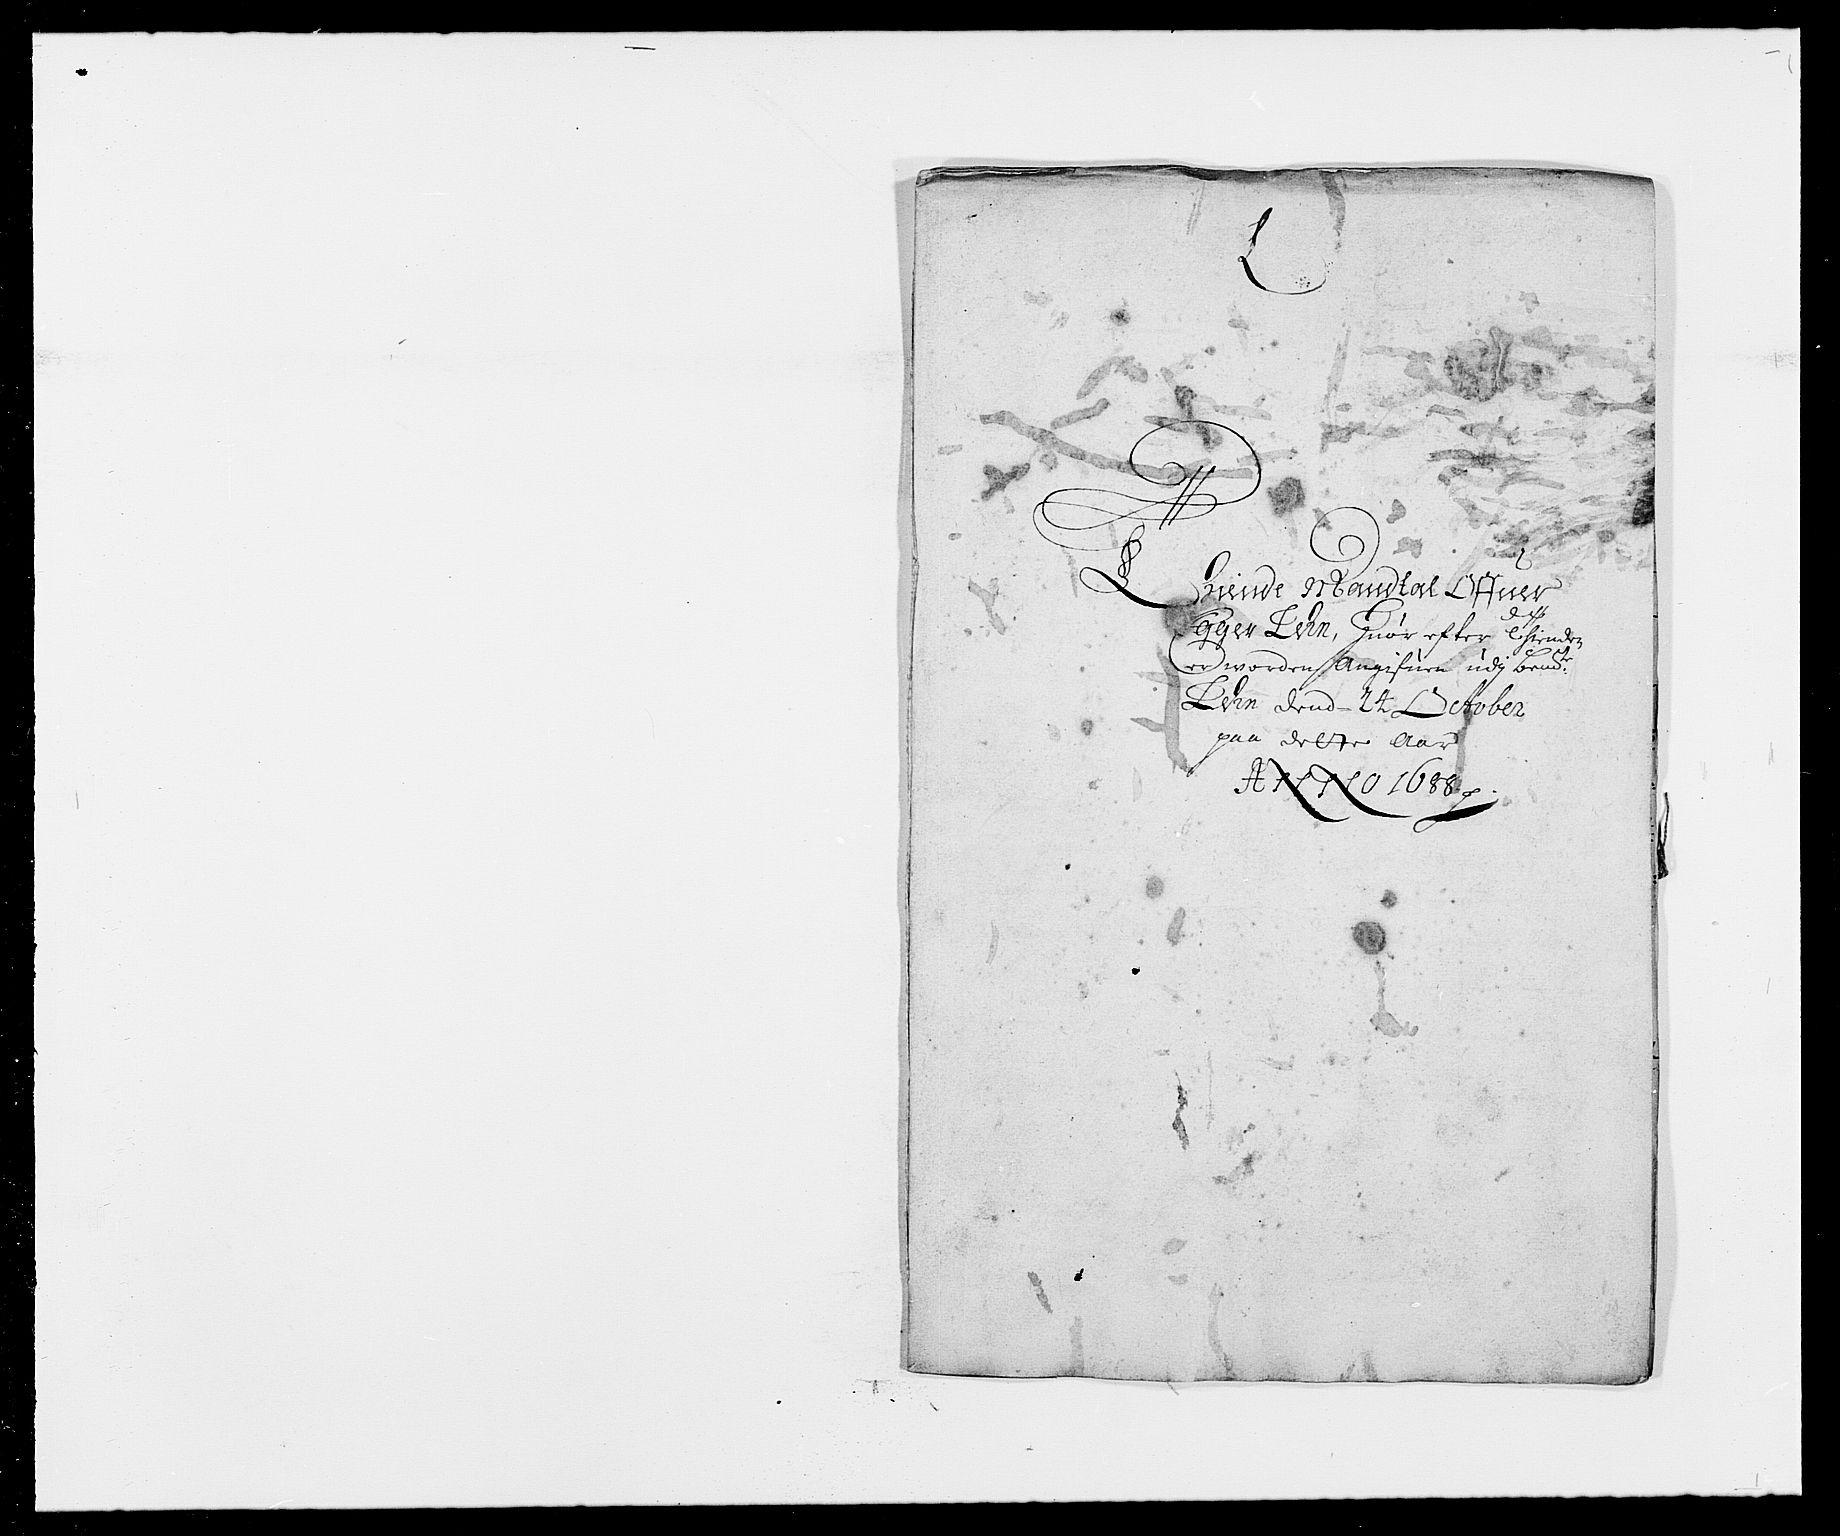 RA, Rentekammeret inntil 1814, Reviderte regnskaper, Fogderegnskap, R28/L1688: Fogderegnskap Eiker og Lier, 1687-1689, s. 148